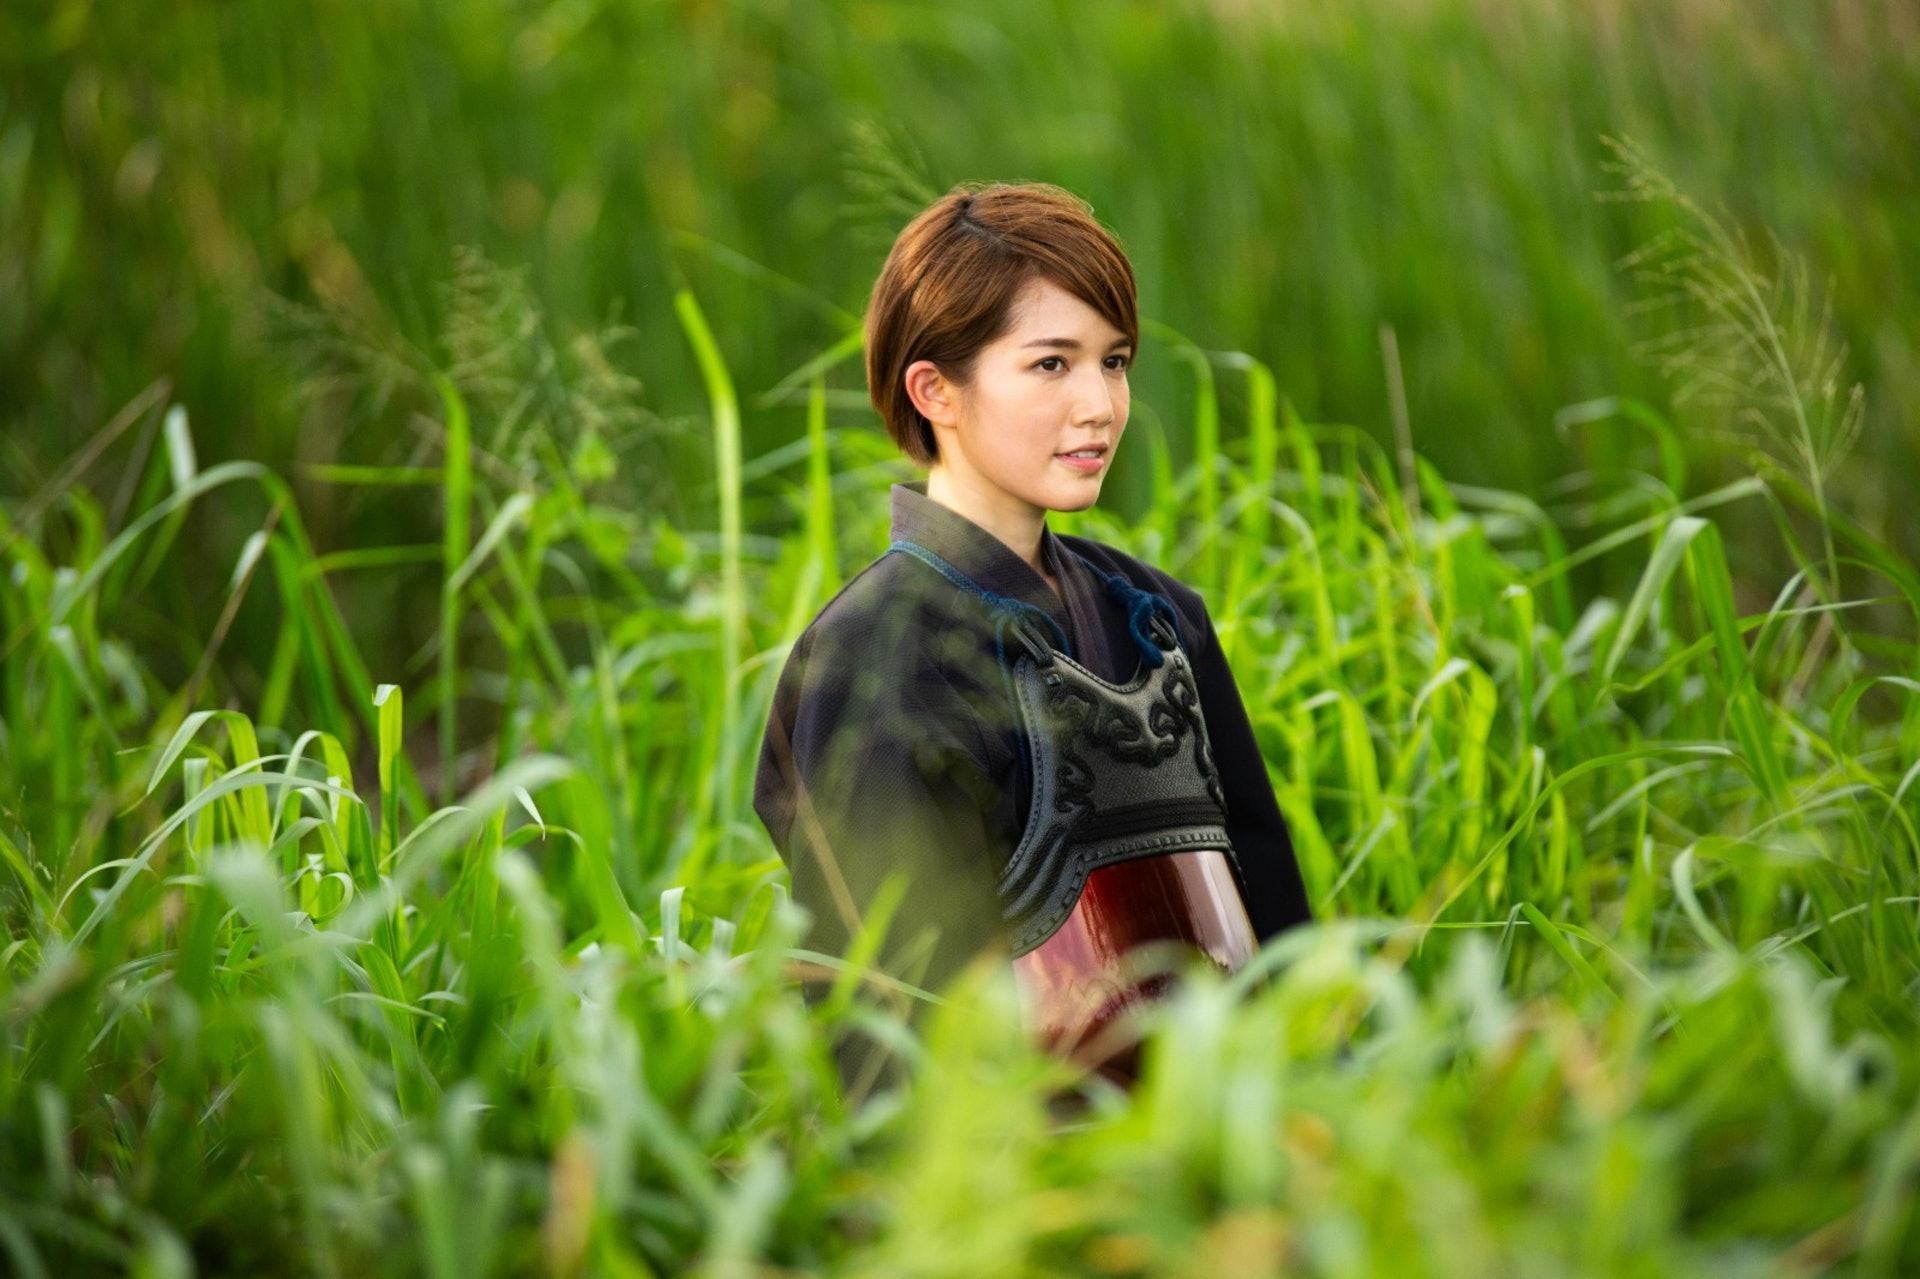 現年26歲的蘇皓兒今次在《人馬座》MV扮演劍道少女,感覺清秀優雅。(受訪者提供)